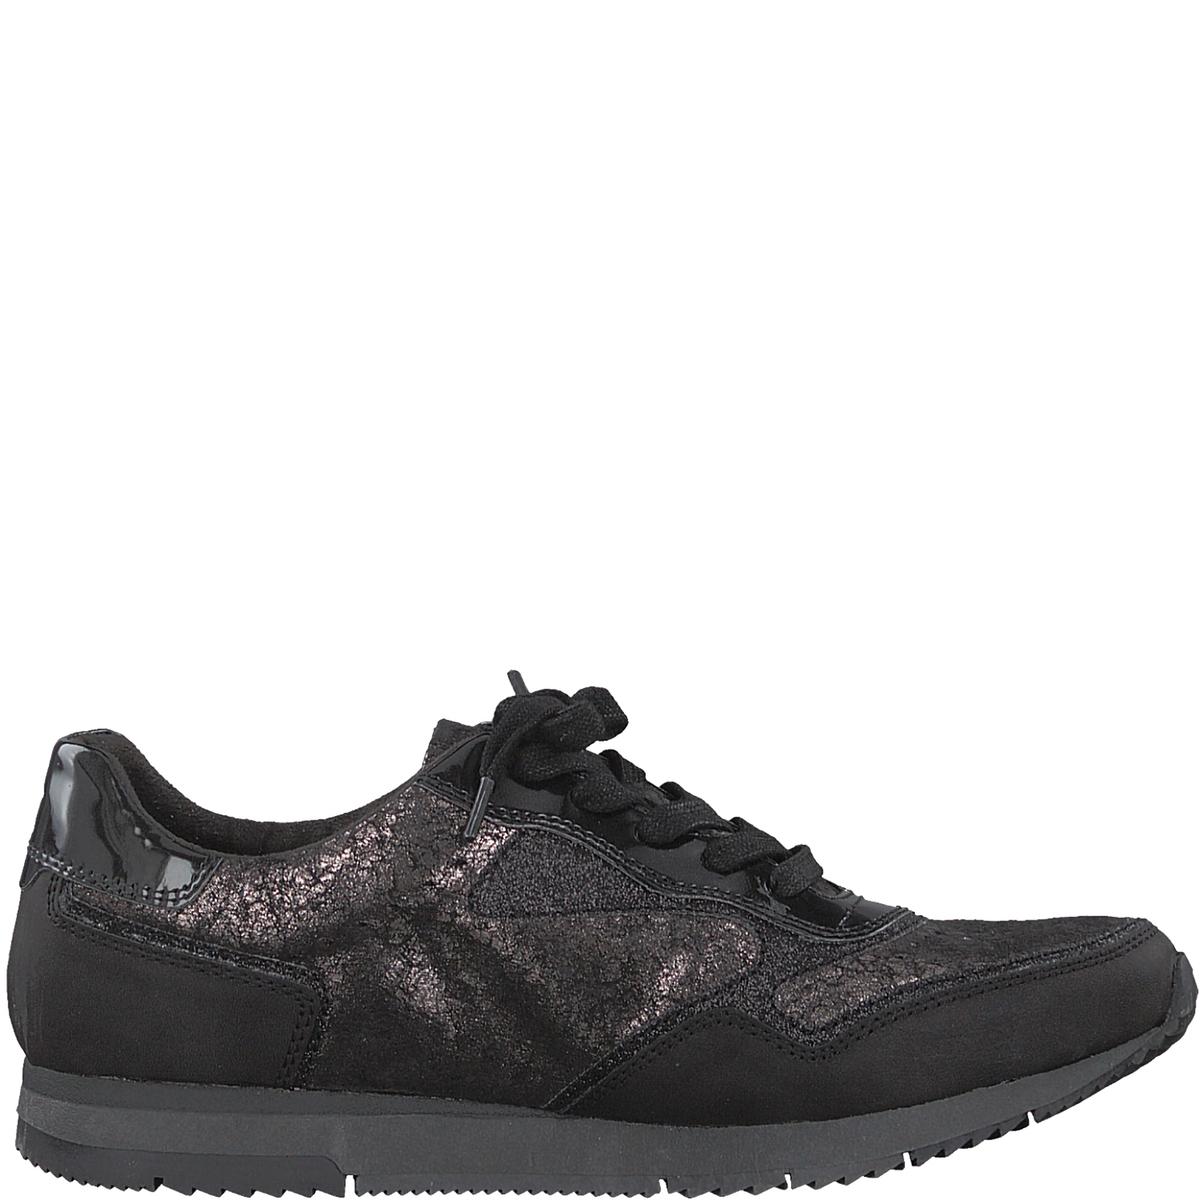 Кеды тканевые DakiДетали •  Спортивный стиль •  Плоский каблук •  Высота каблука : 2 см •  Застежка : ШнуровкаСостав и уход •  Верх  50% синтетического материала, 50% текстиля •  Подкладка 50% синтетического материала, 50% текстиля<br><br>Цвет: черный<br>Размер: 40